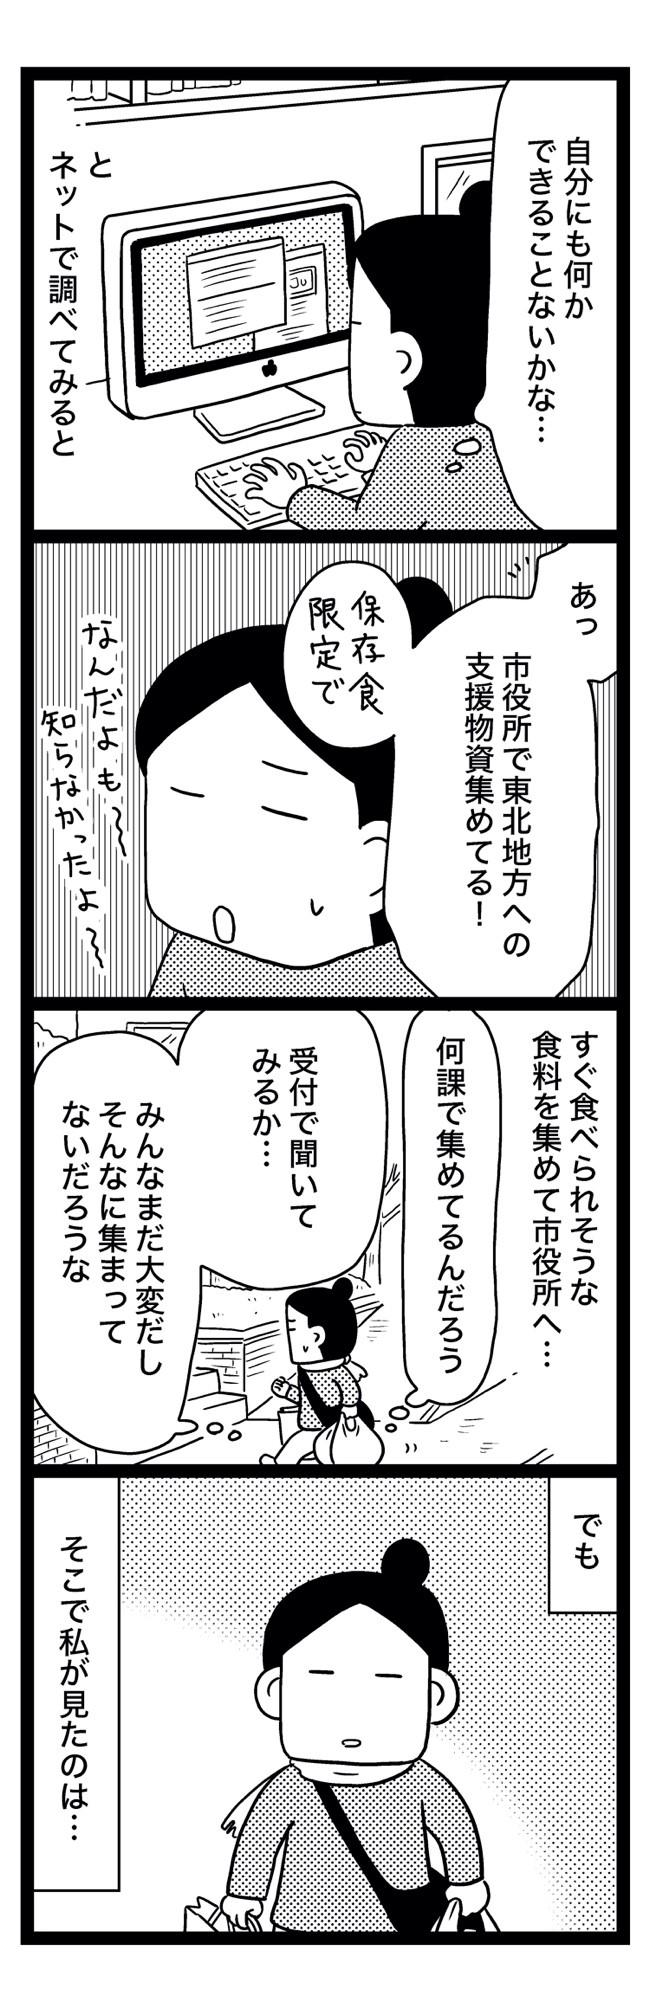 sinsai8-5